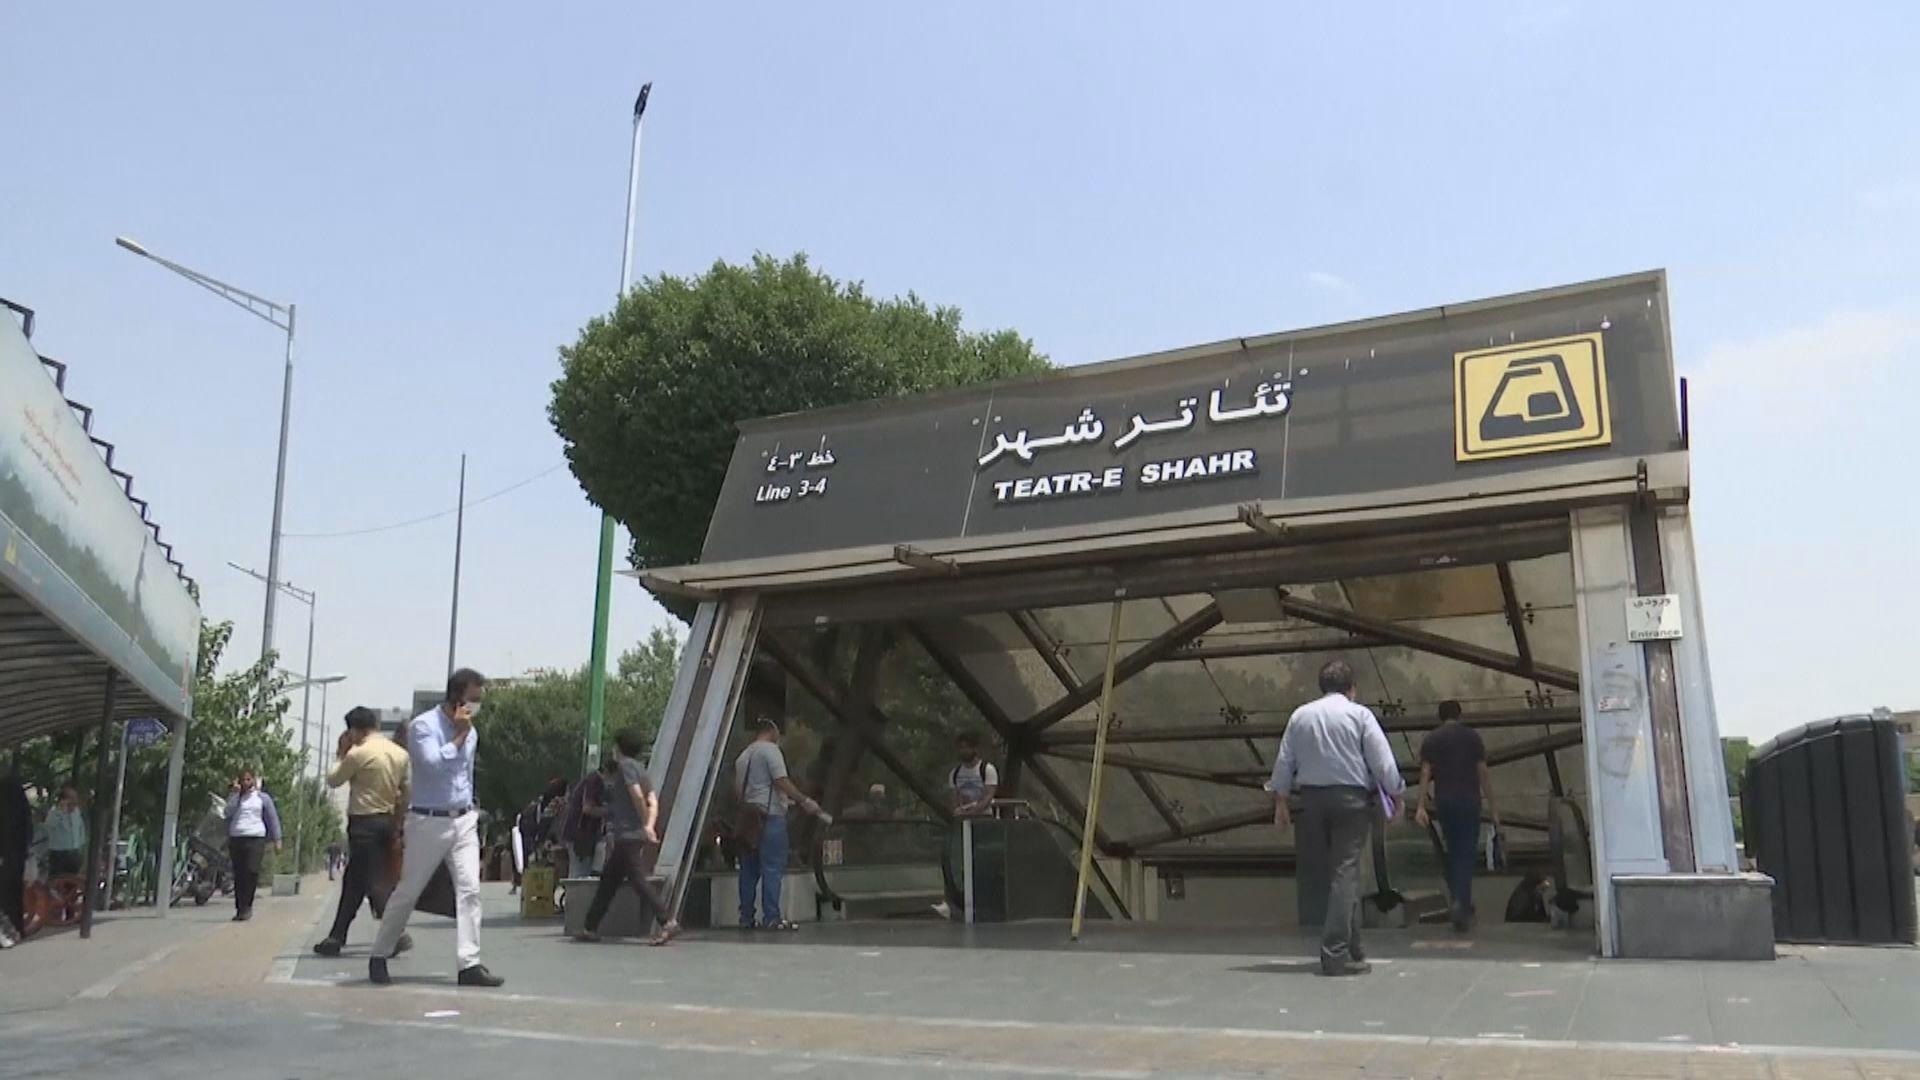 伊朗疫情反彈 魯哈尼警告經濟不能停擺